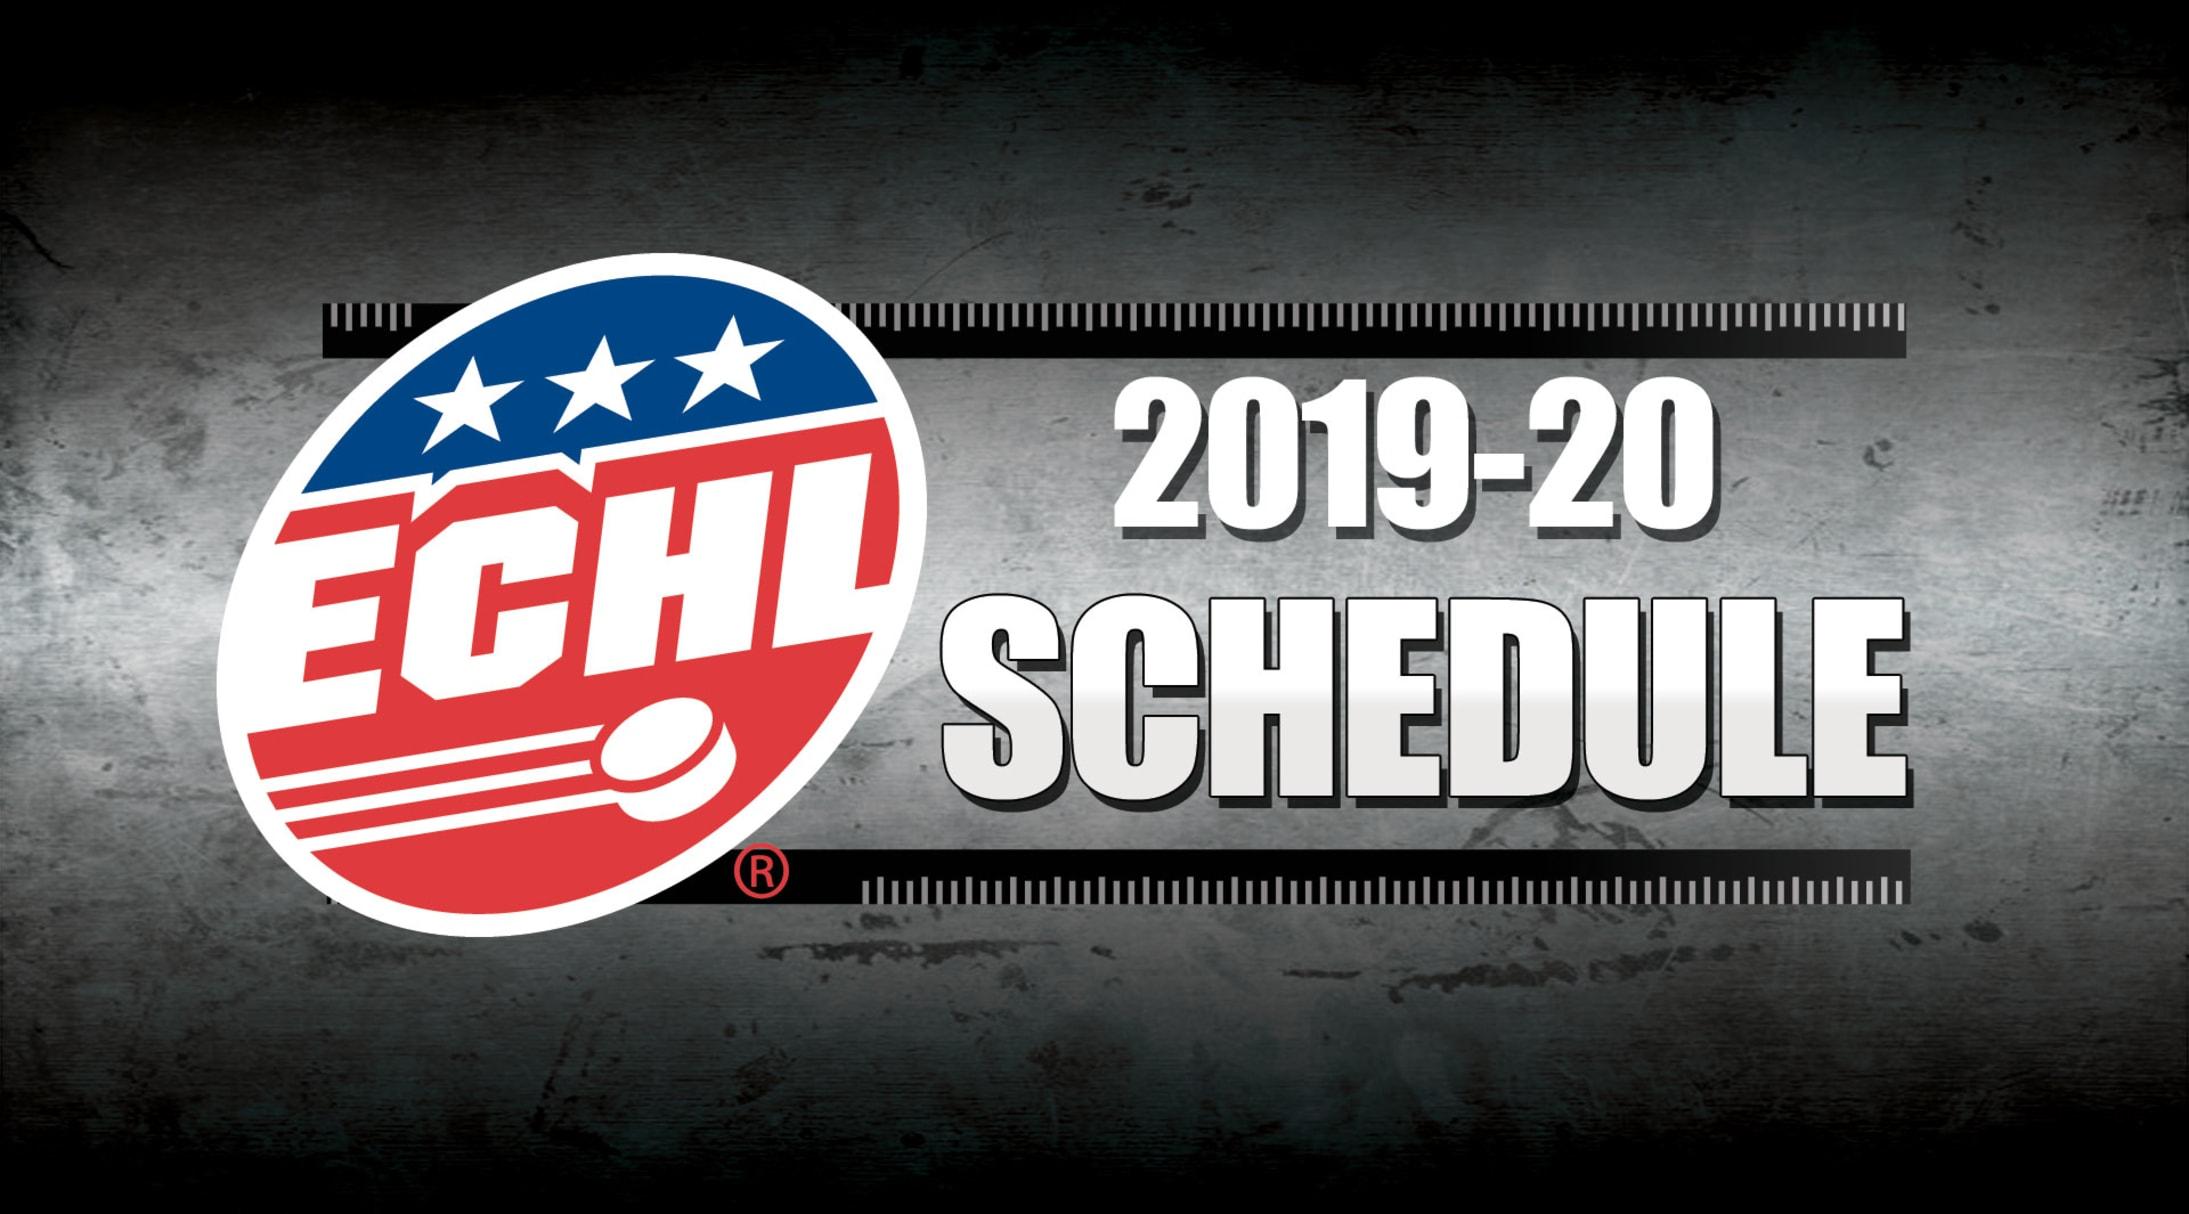 Echl Releases 2019 20 Schedule